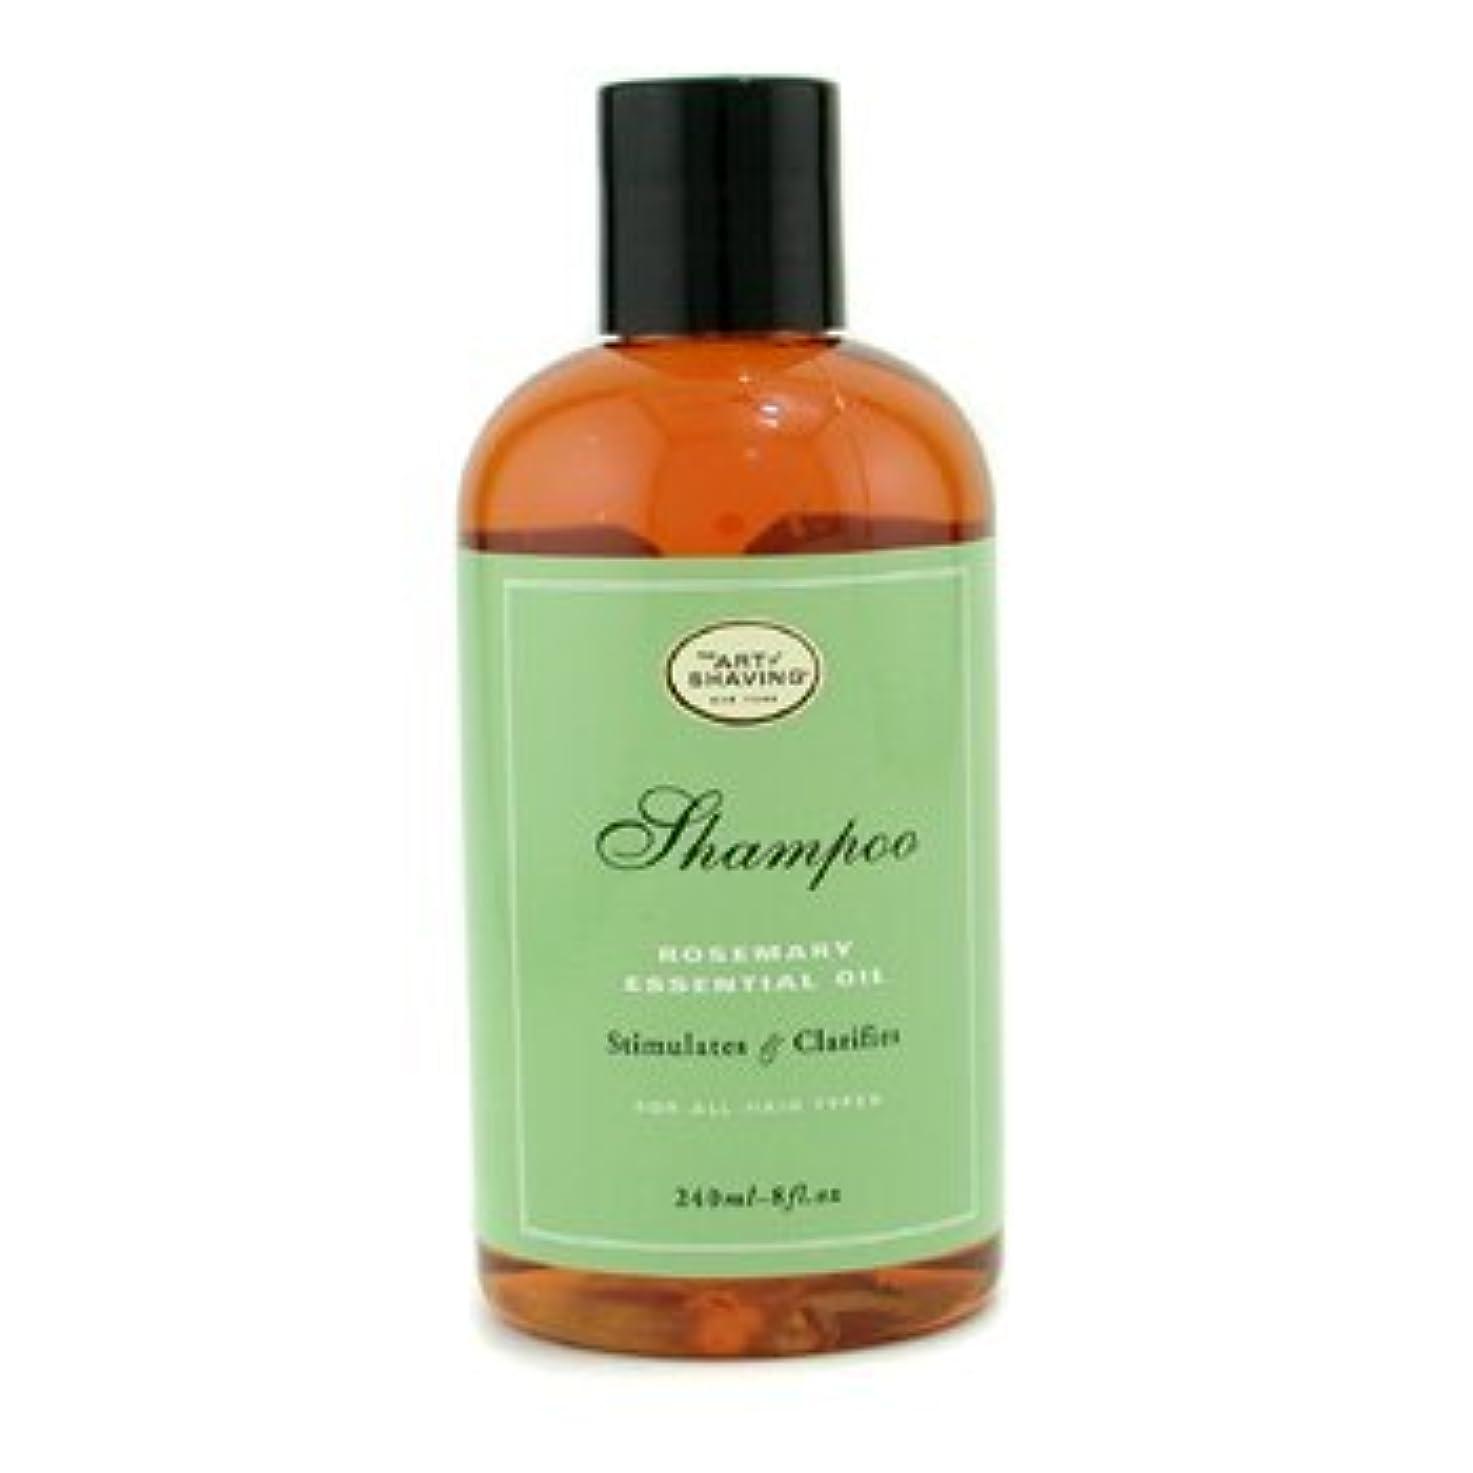 衝突する魅惑的な有能な[The Art Of Shaving] Shampoo - Rosemary Essential Oil ( For All Hair Types ) 240ml/8oz